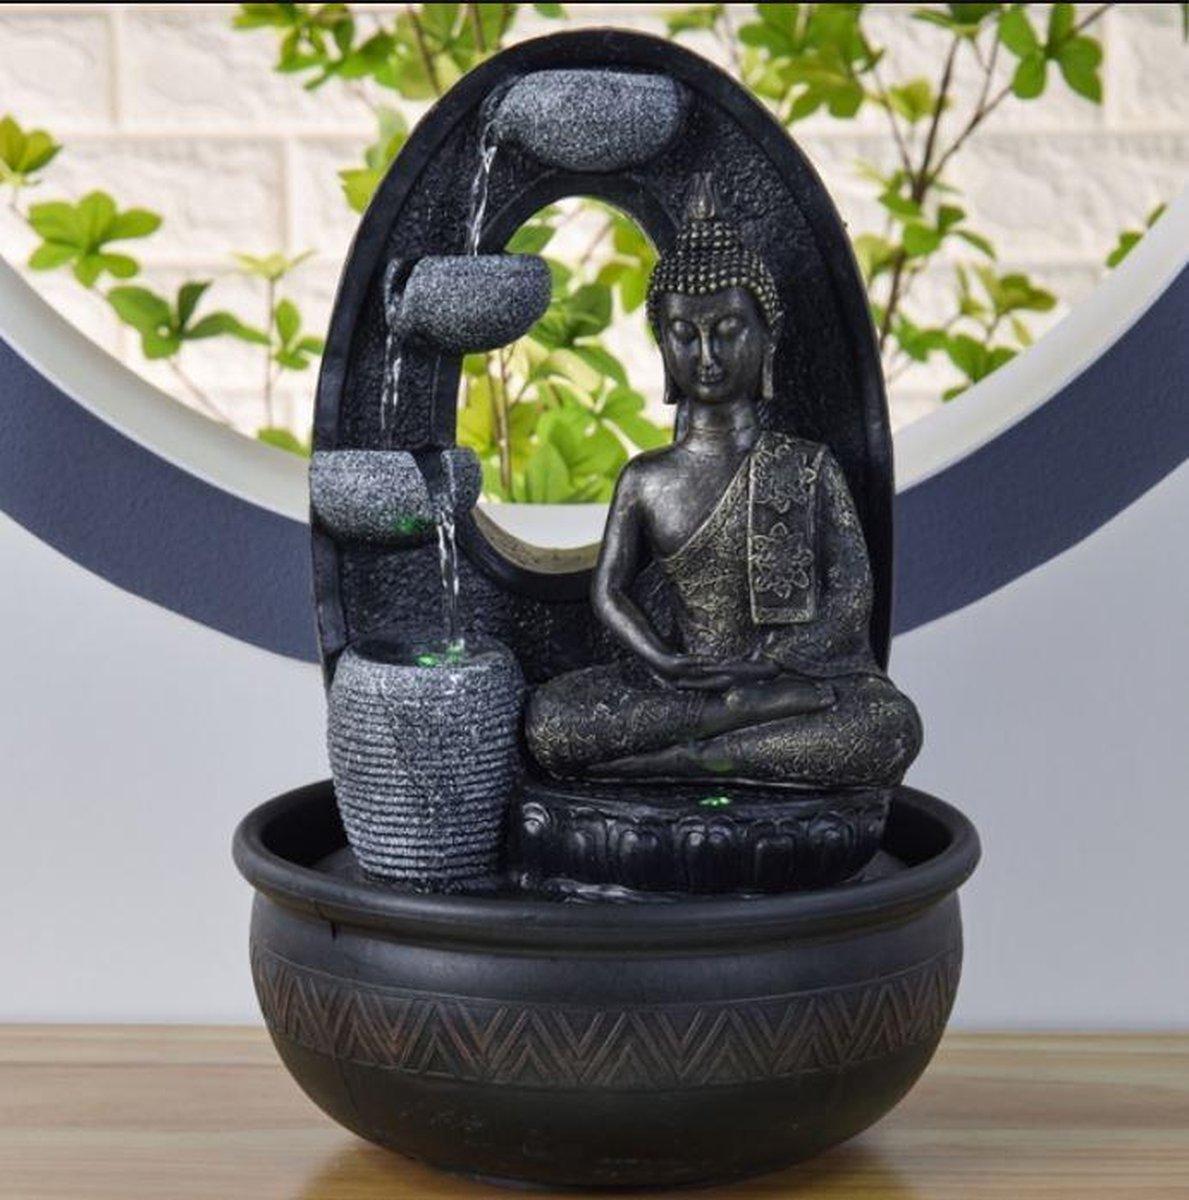 Boeddha Harmonie Relax - fontein - interieur - fontein voor binnen - relaxeer - zen - waterornament - cadeau - geschenk - relatiegeschenk - origineel - lente - zomer - lentecollectie - zomercollectie - afkoeling - koelte